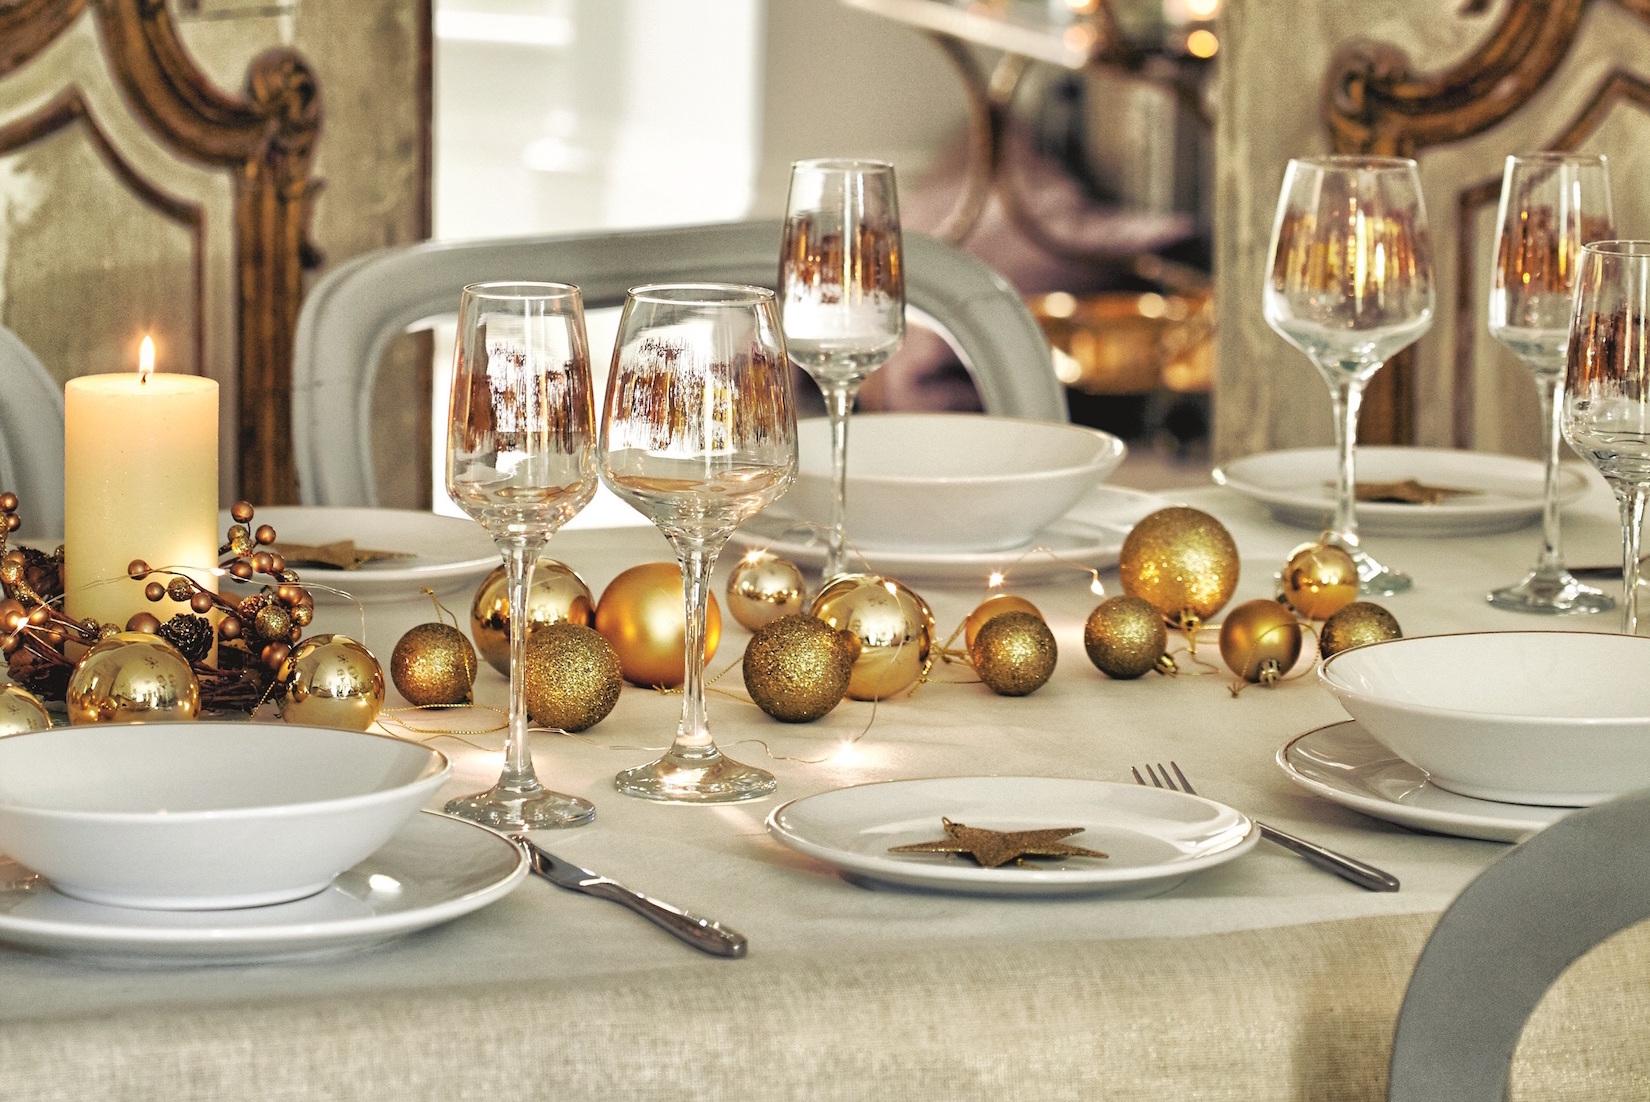 Štědrovečerní tabuli lze ozdobit různými způsoby. Sada metalických ozdob z vánoční kolekce F&F Home ladí se skleničkami na víno se zlatým zdobením.